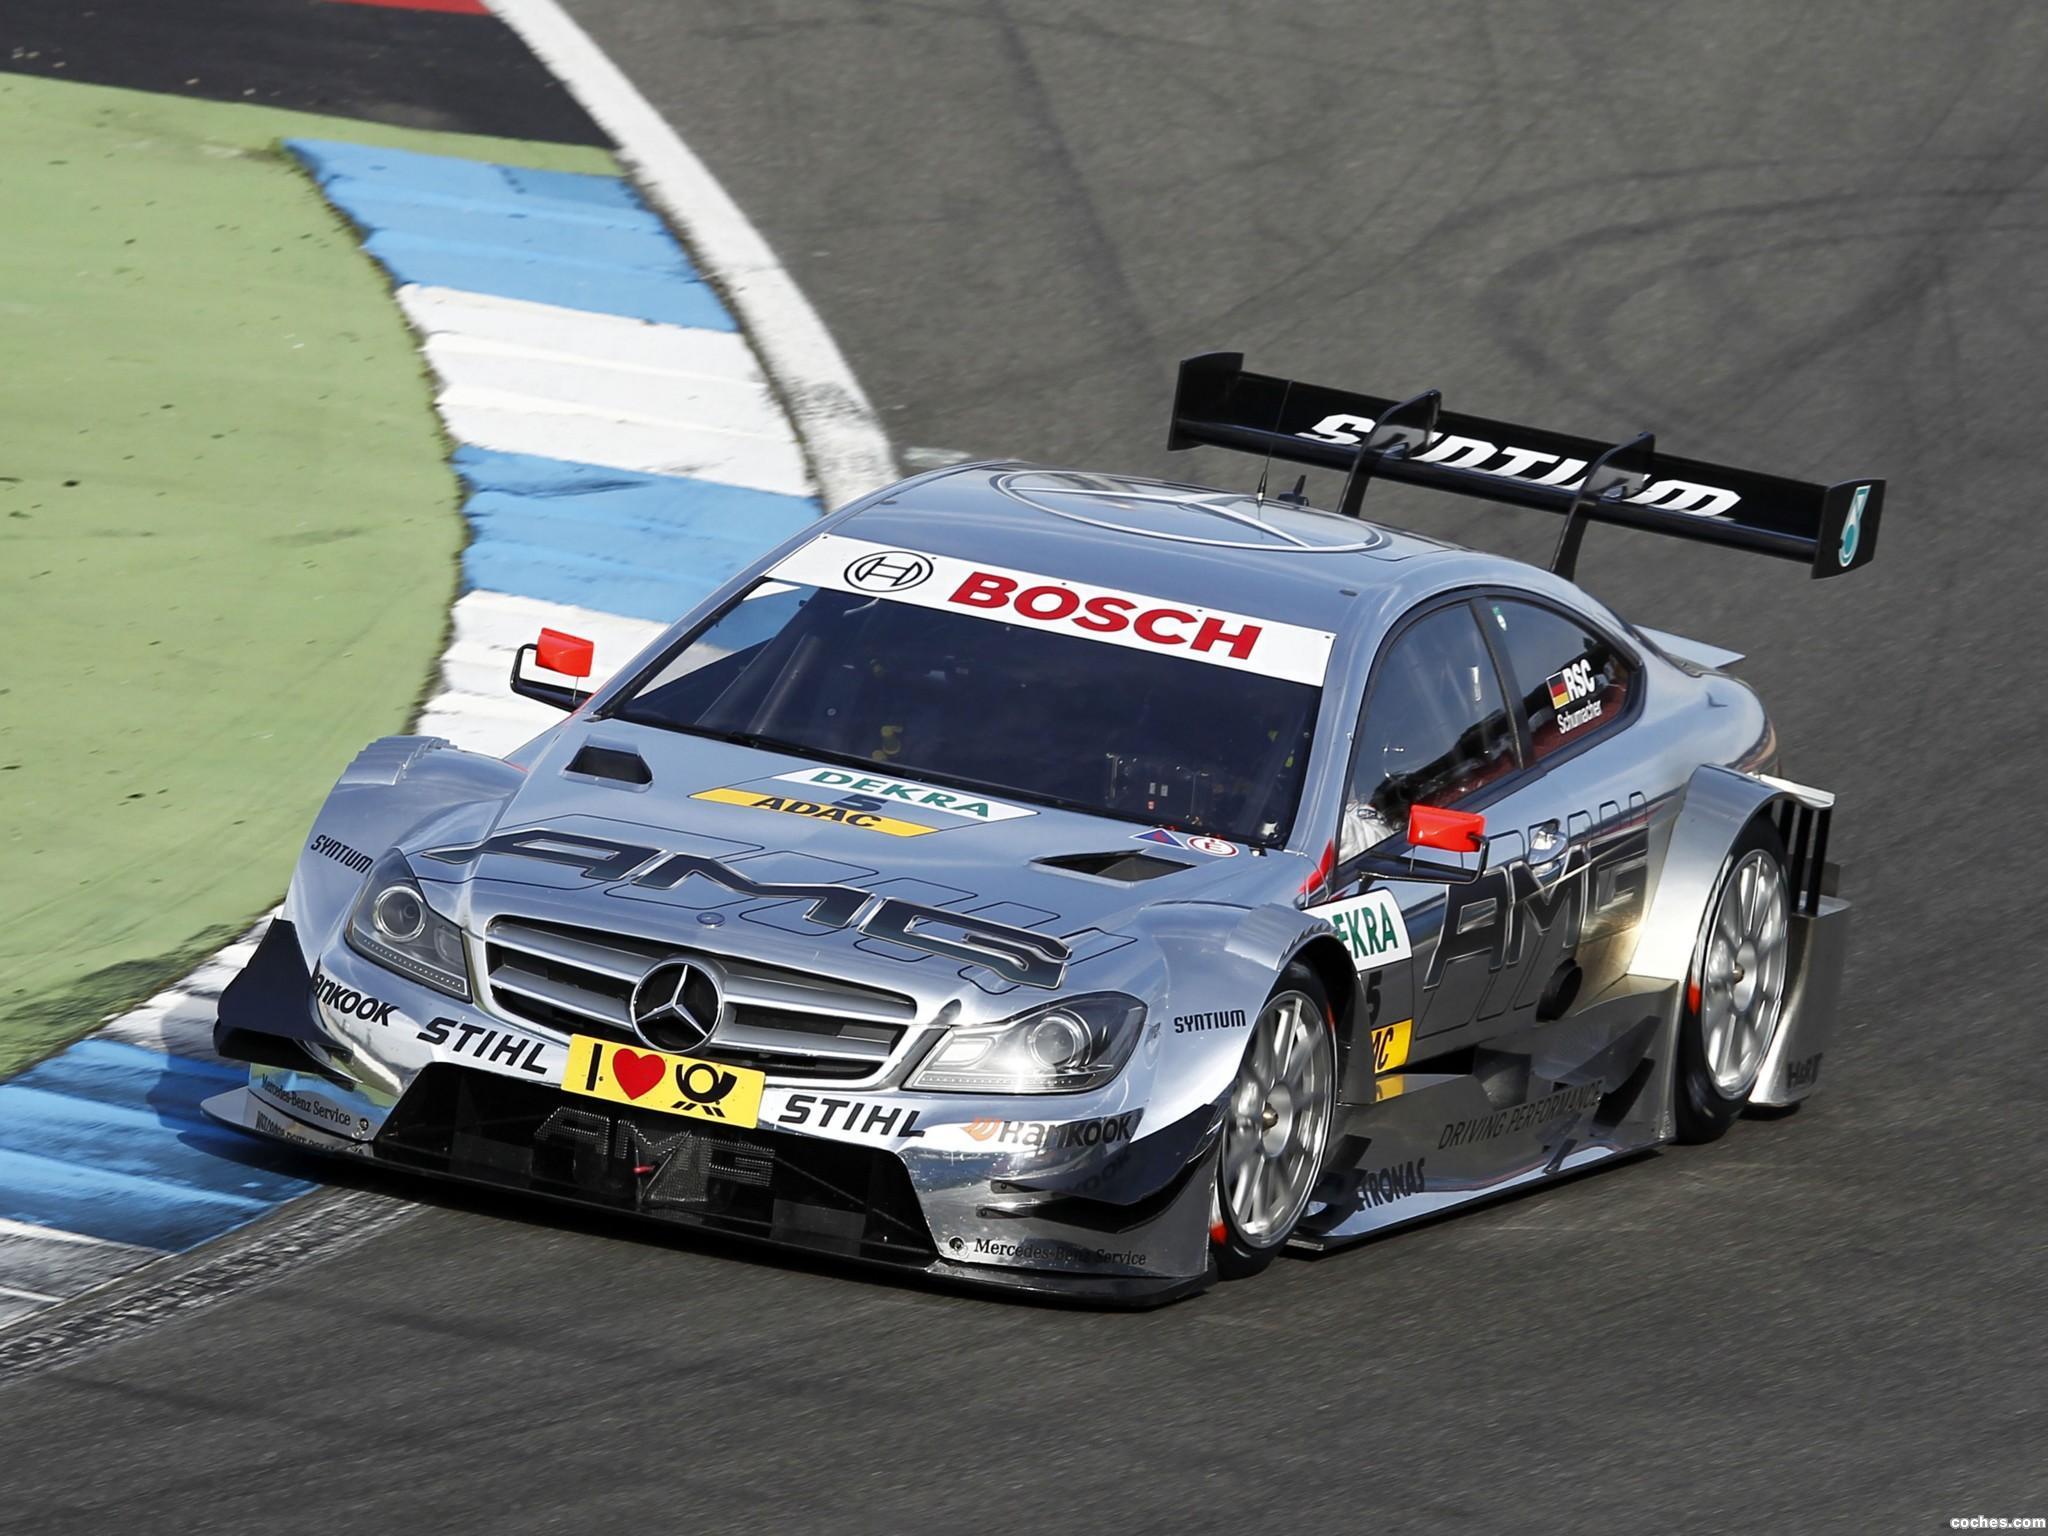 Foto 11 de Mercedes Clase C DTM C204 2012